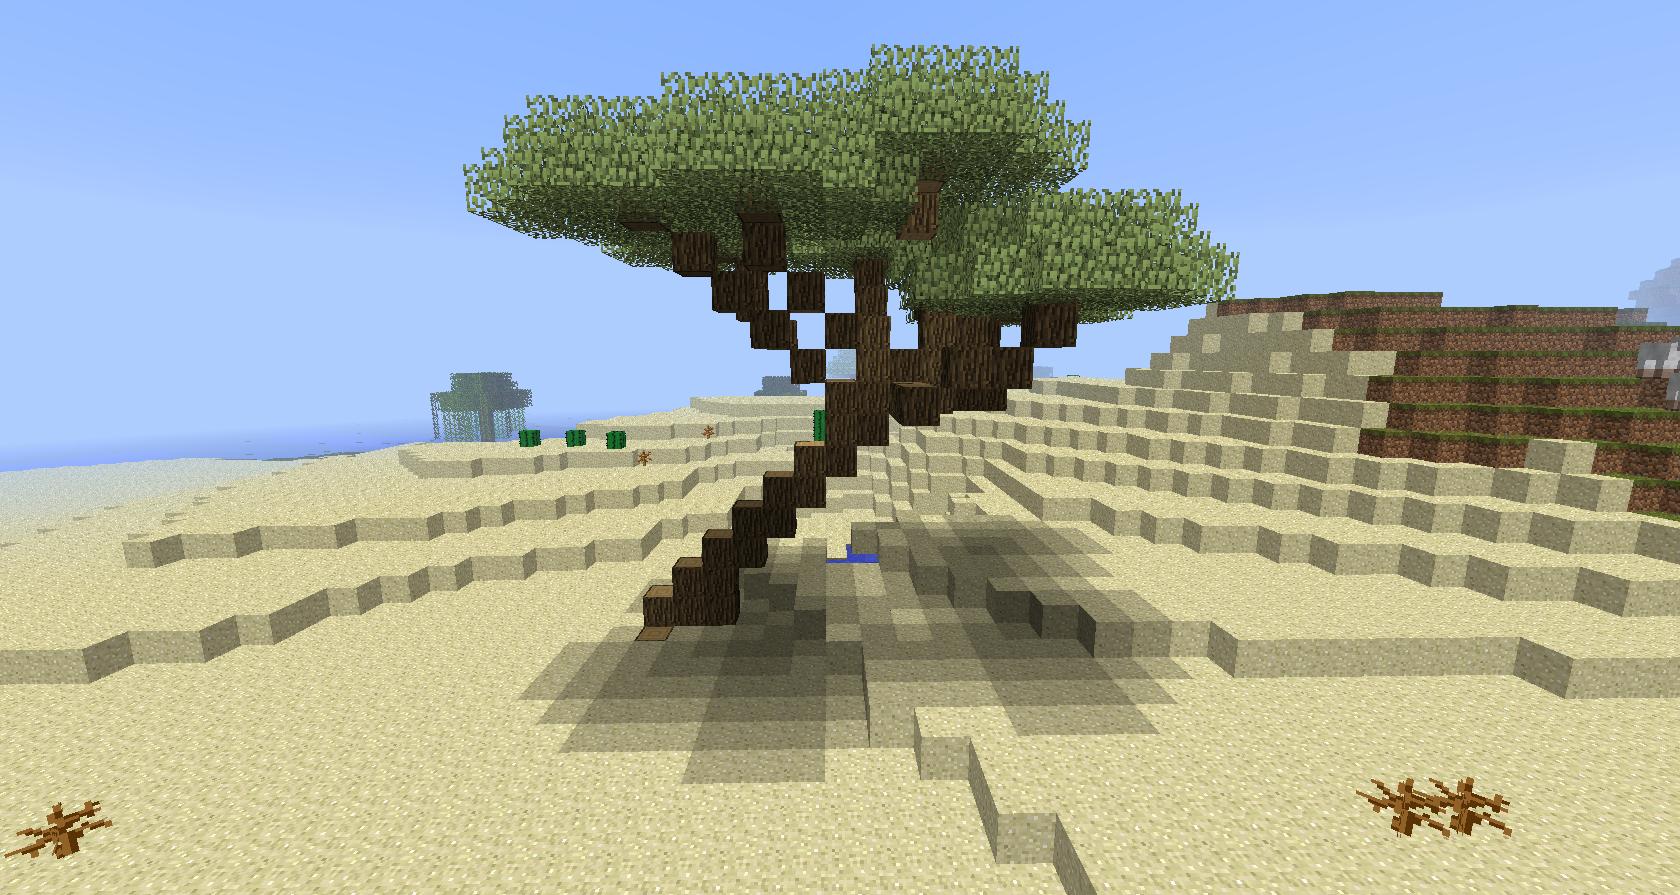 2012 02 17 20.39.25 [1.1] Trees++